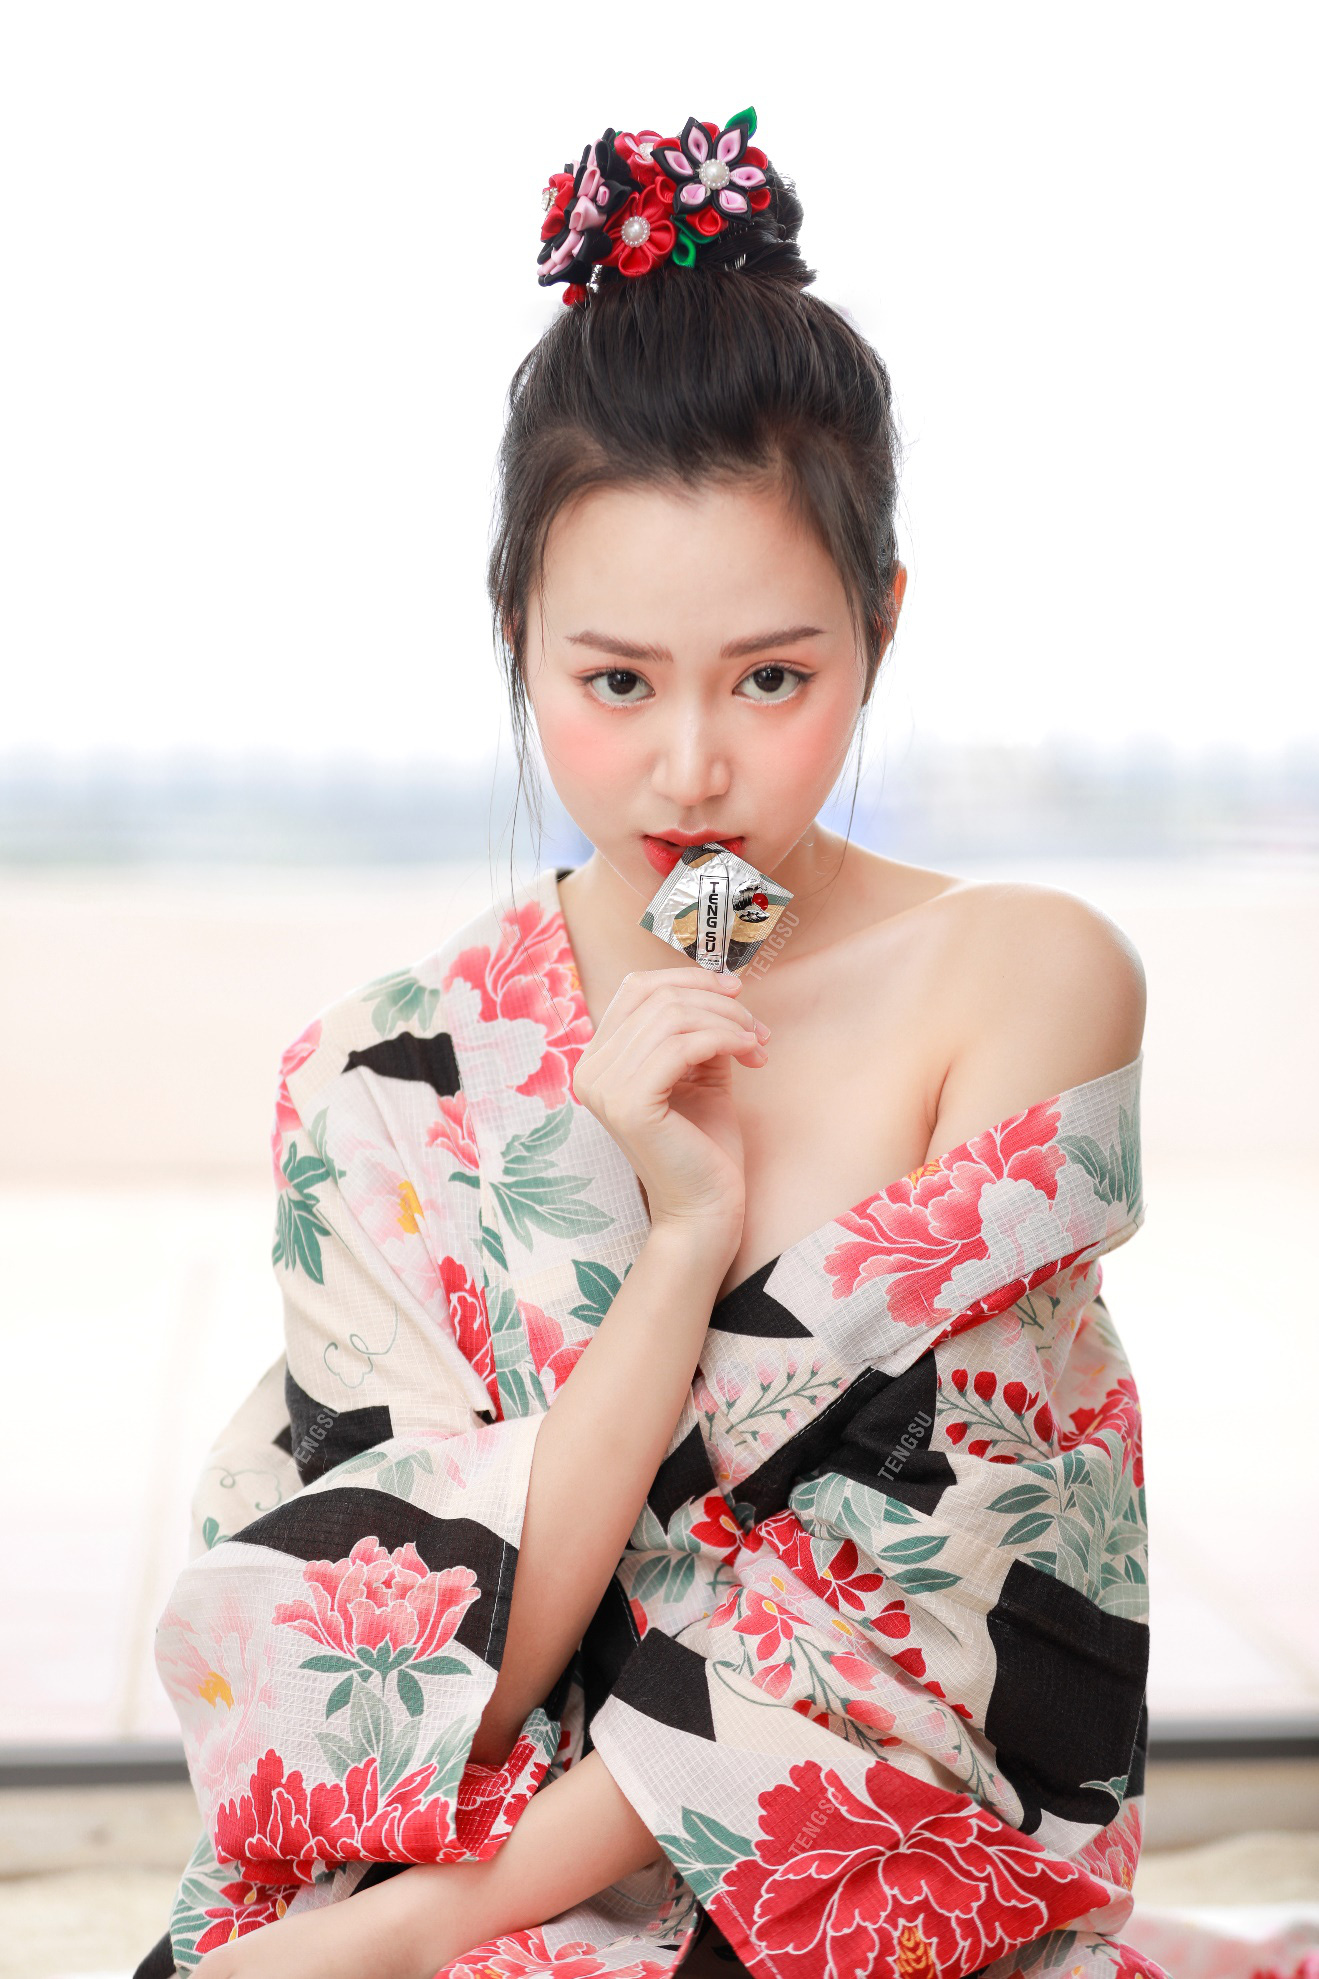 Bóng hồng streamer sinh năm 1999 lần đầu mặc kimono nóng bỏng, ai nấy đều ngỡ ngàng vì quá xinh - Ảnh 7.